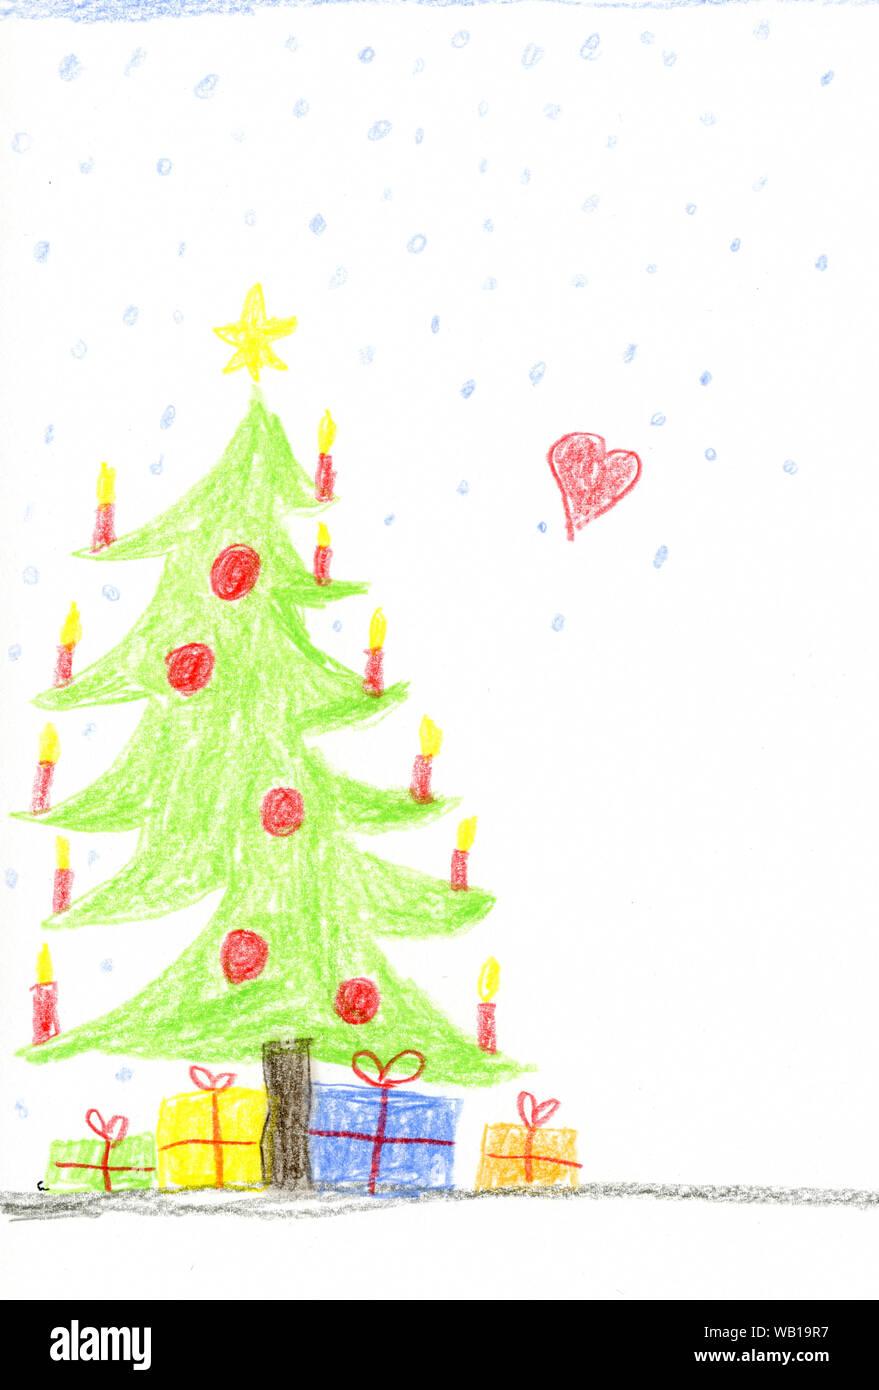 Dibujo Infantil Con árbol De Navidad Decorado Y Presenta